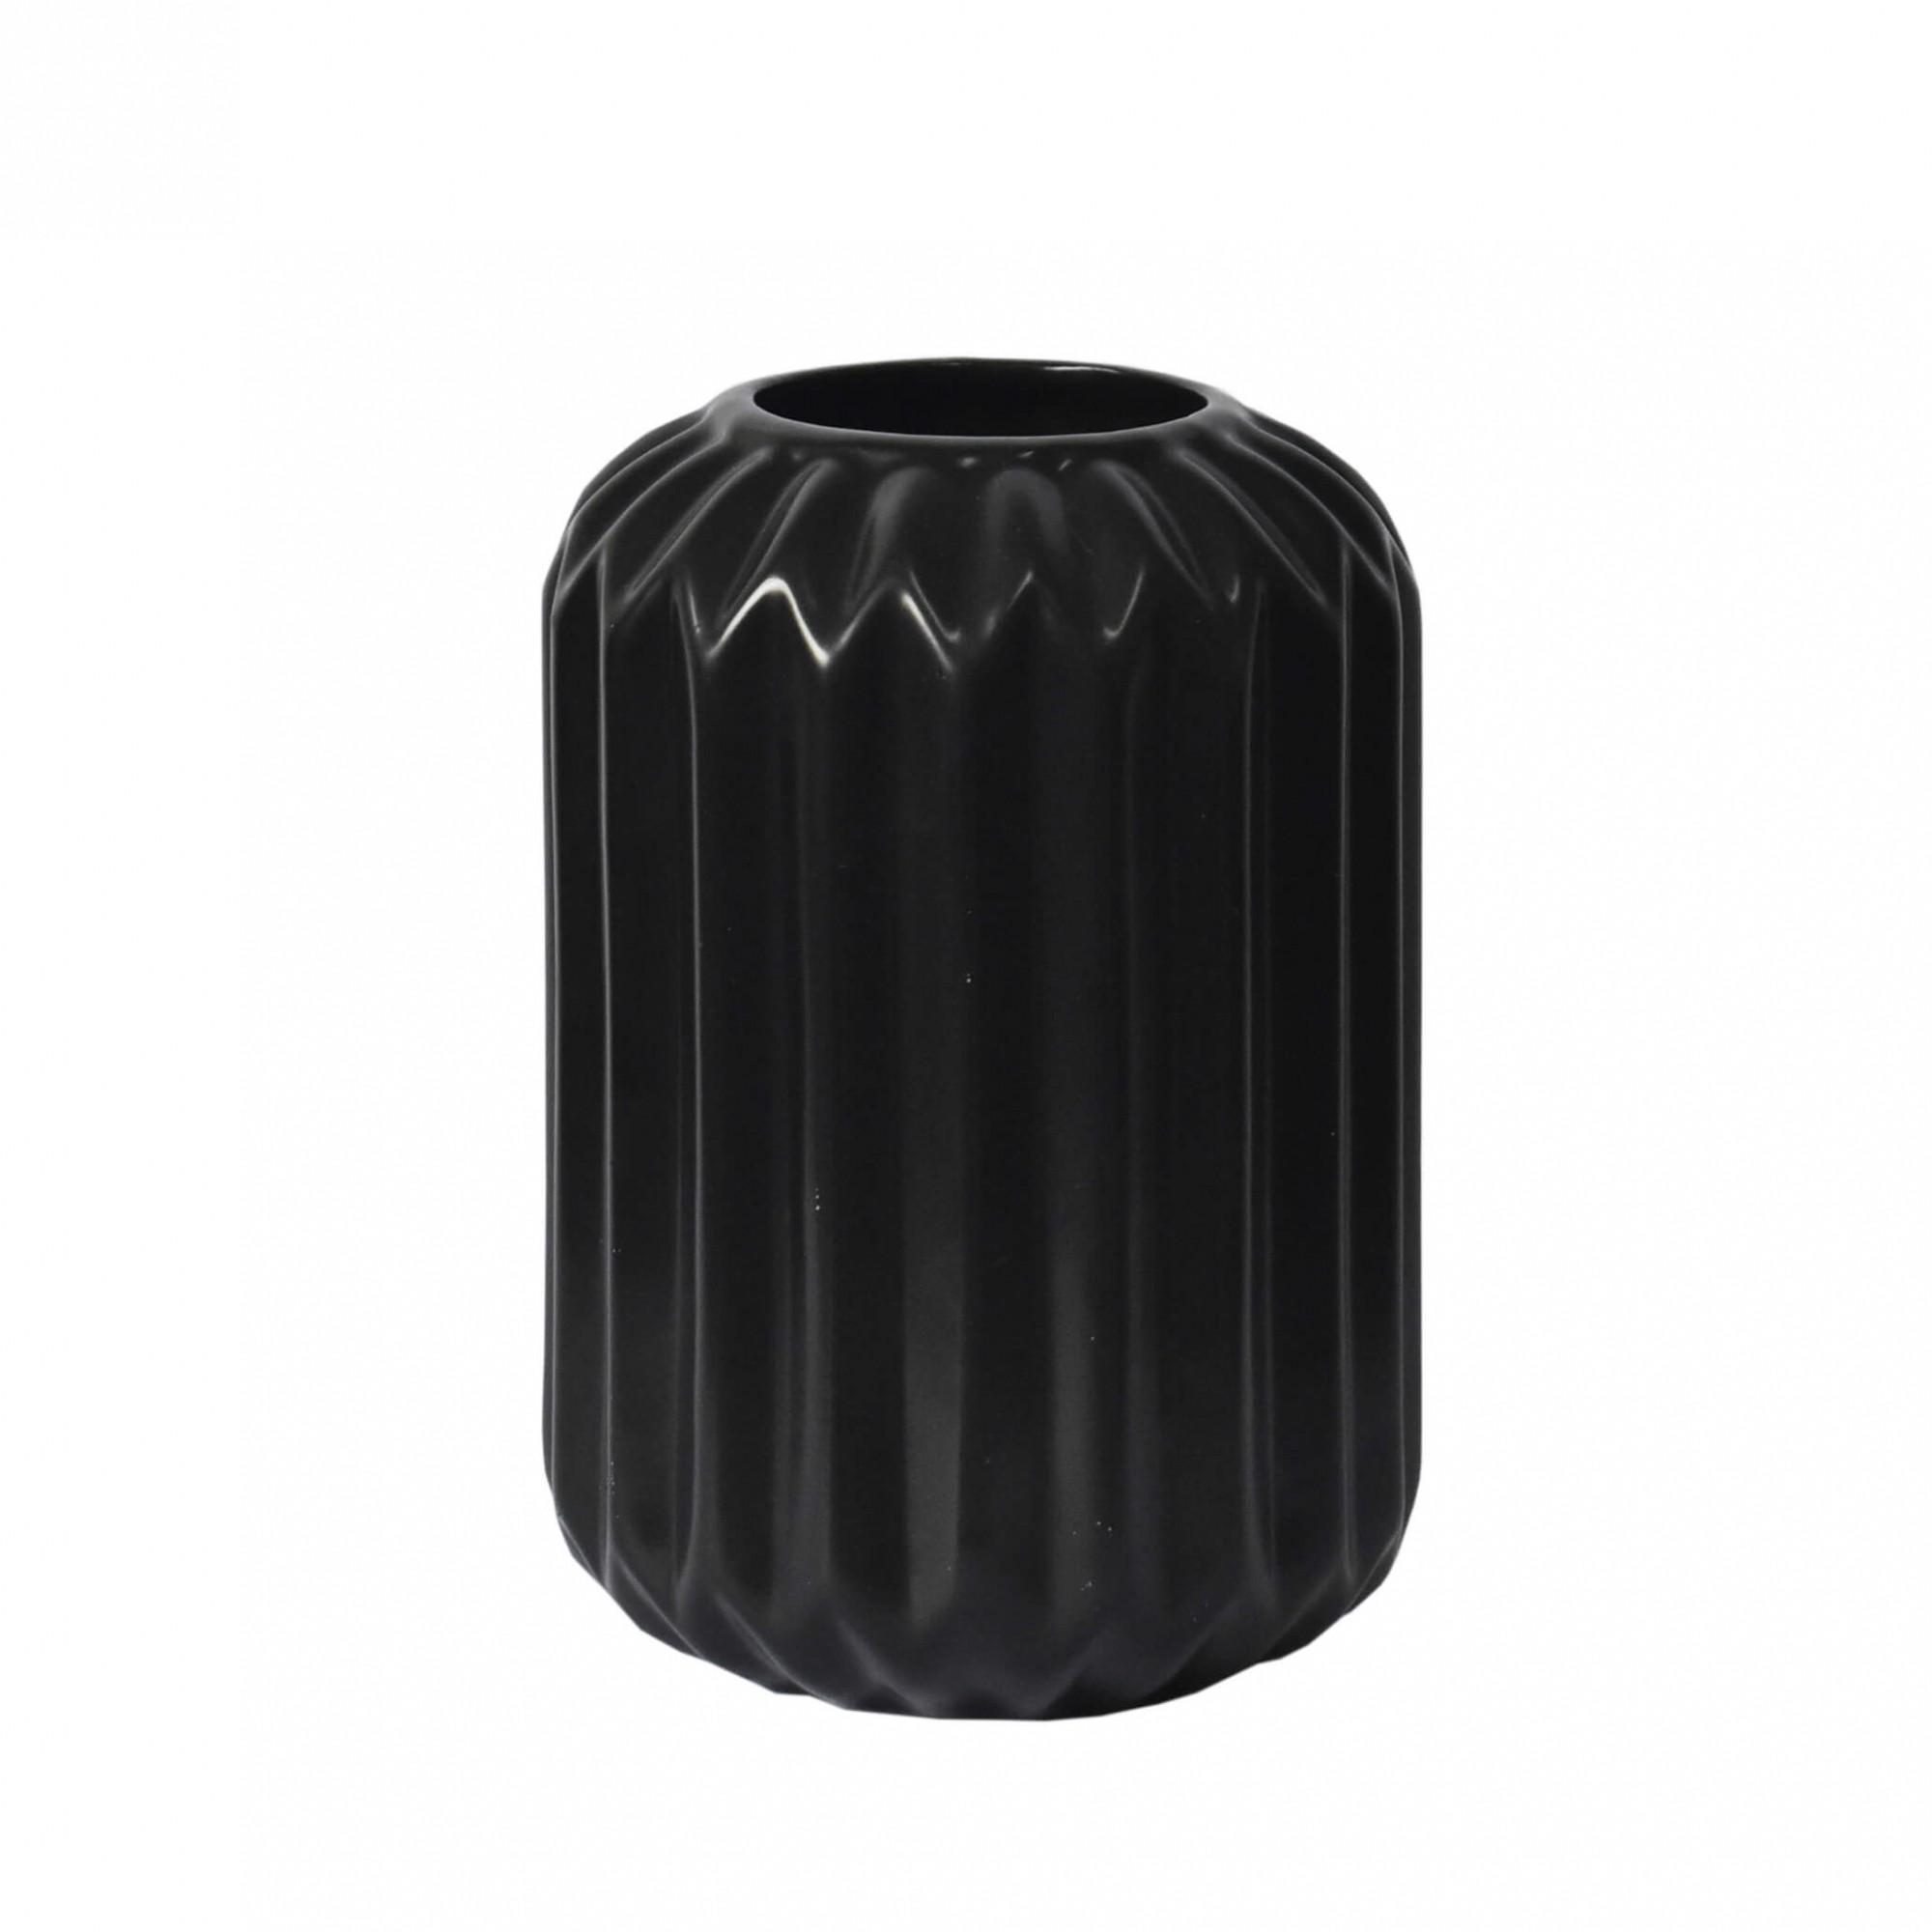 Vaso Preto Montesi G 17,5 Cm